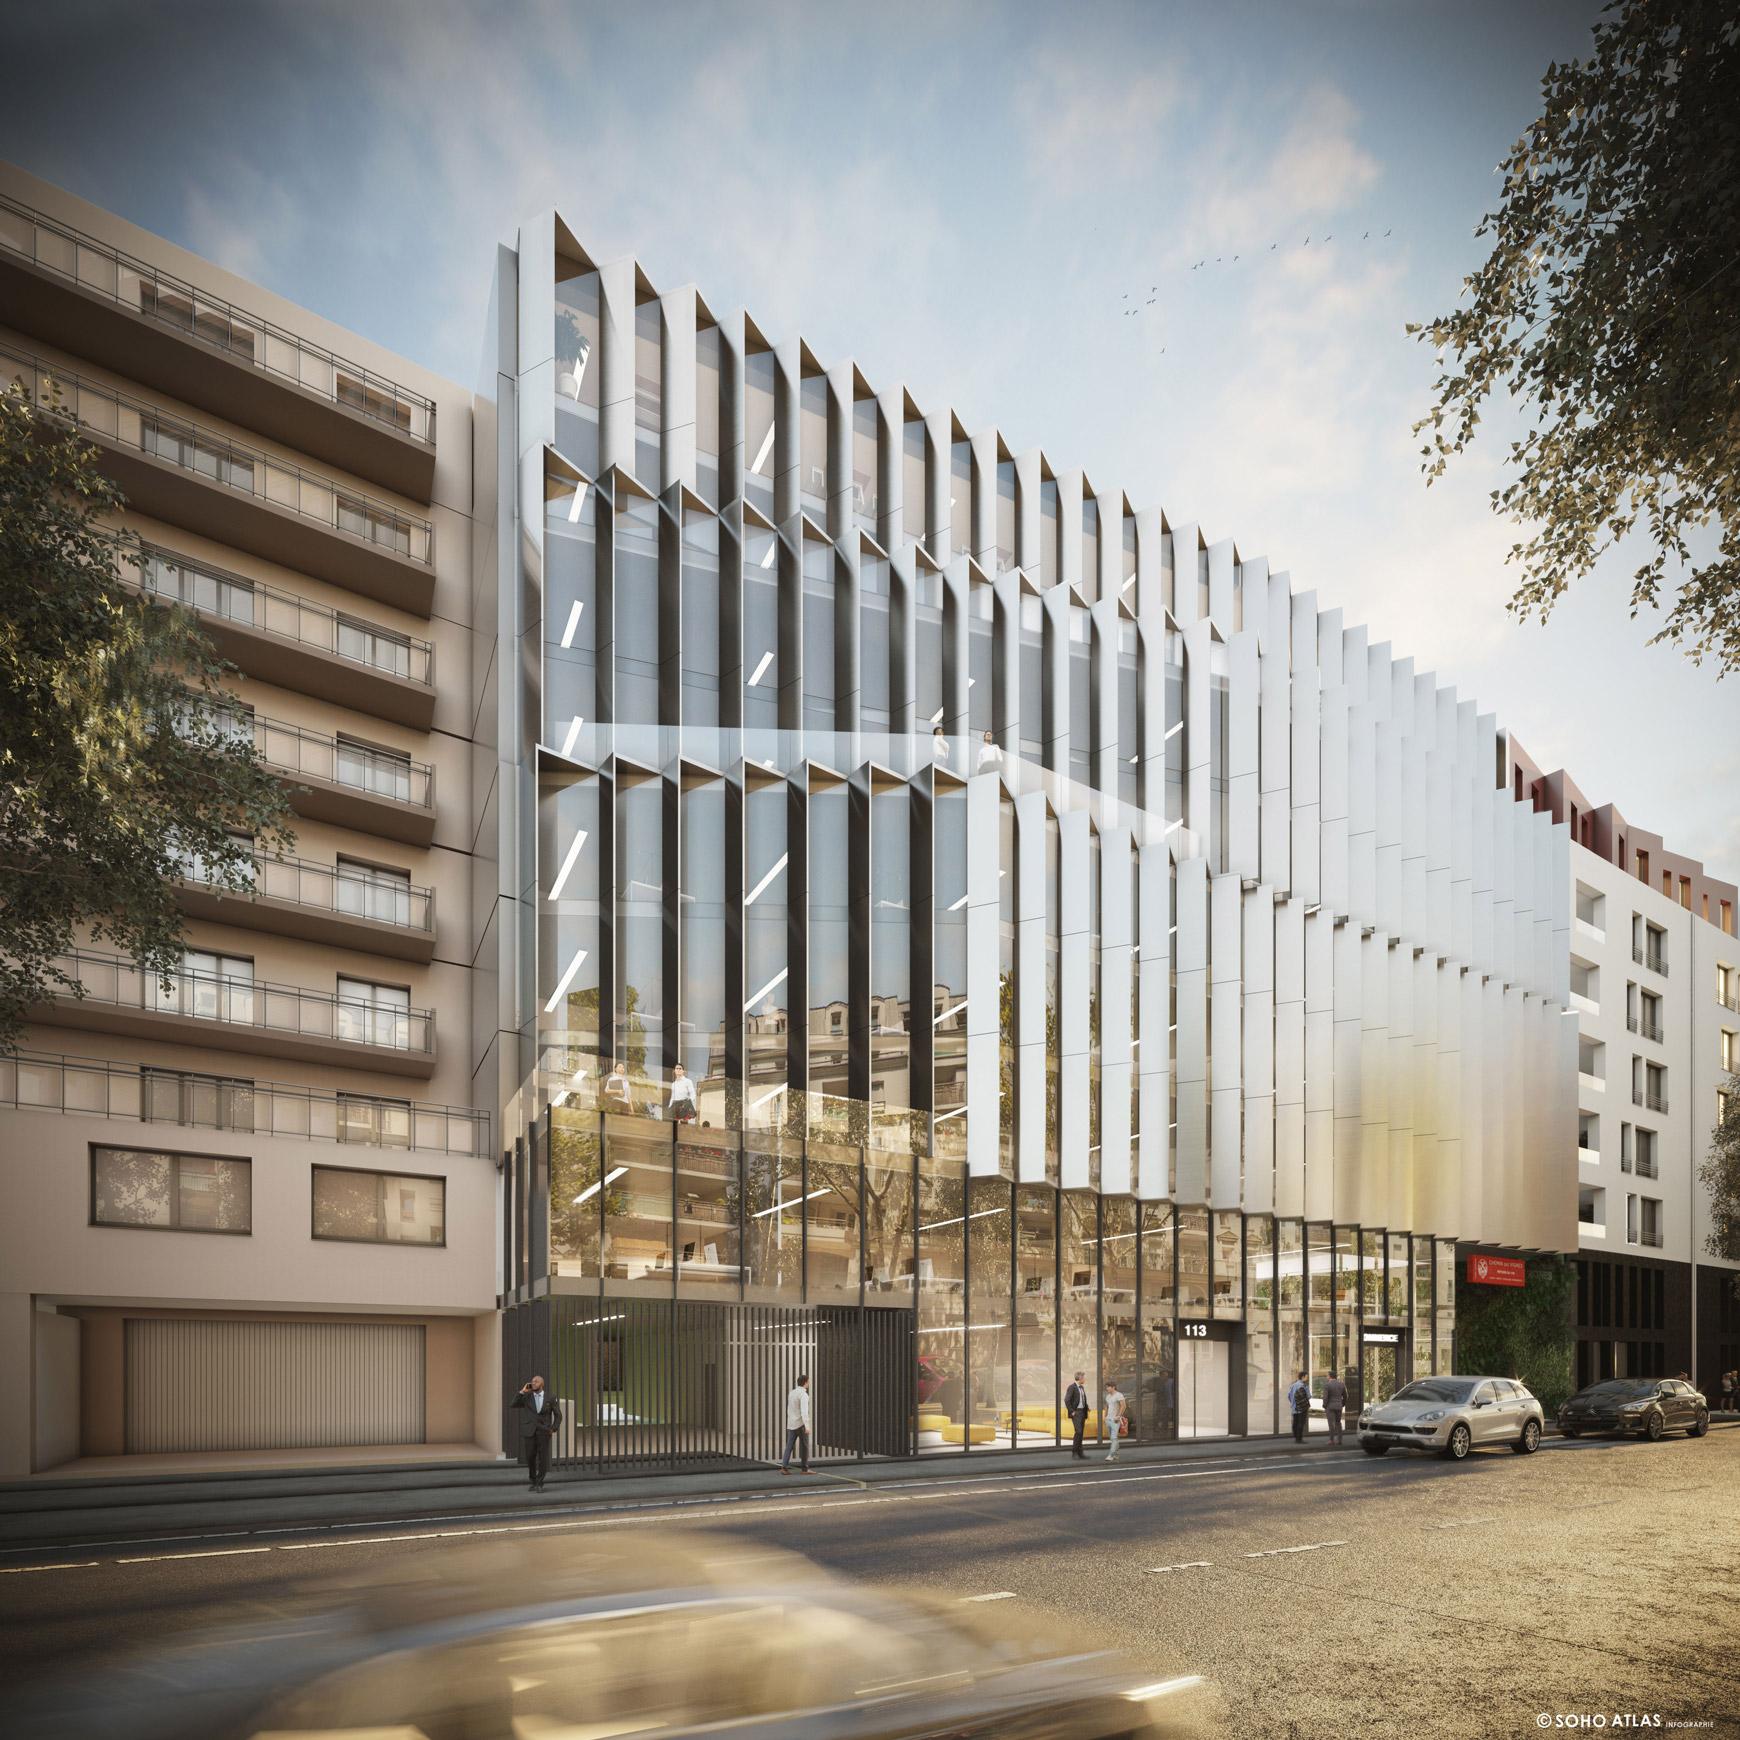 Bâtiment de bureaux à Issy-les-Moulineaux, avec réhabilitation et surélévation, réalisé par le pôle Tertiaire de l'agence d'architecture SOHO ATLAS IN FINE PARIS. Perspective, vue depuis la rue.